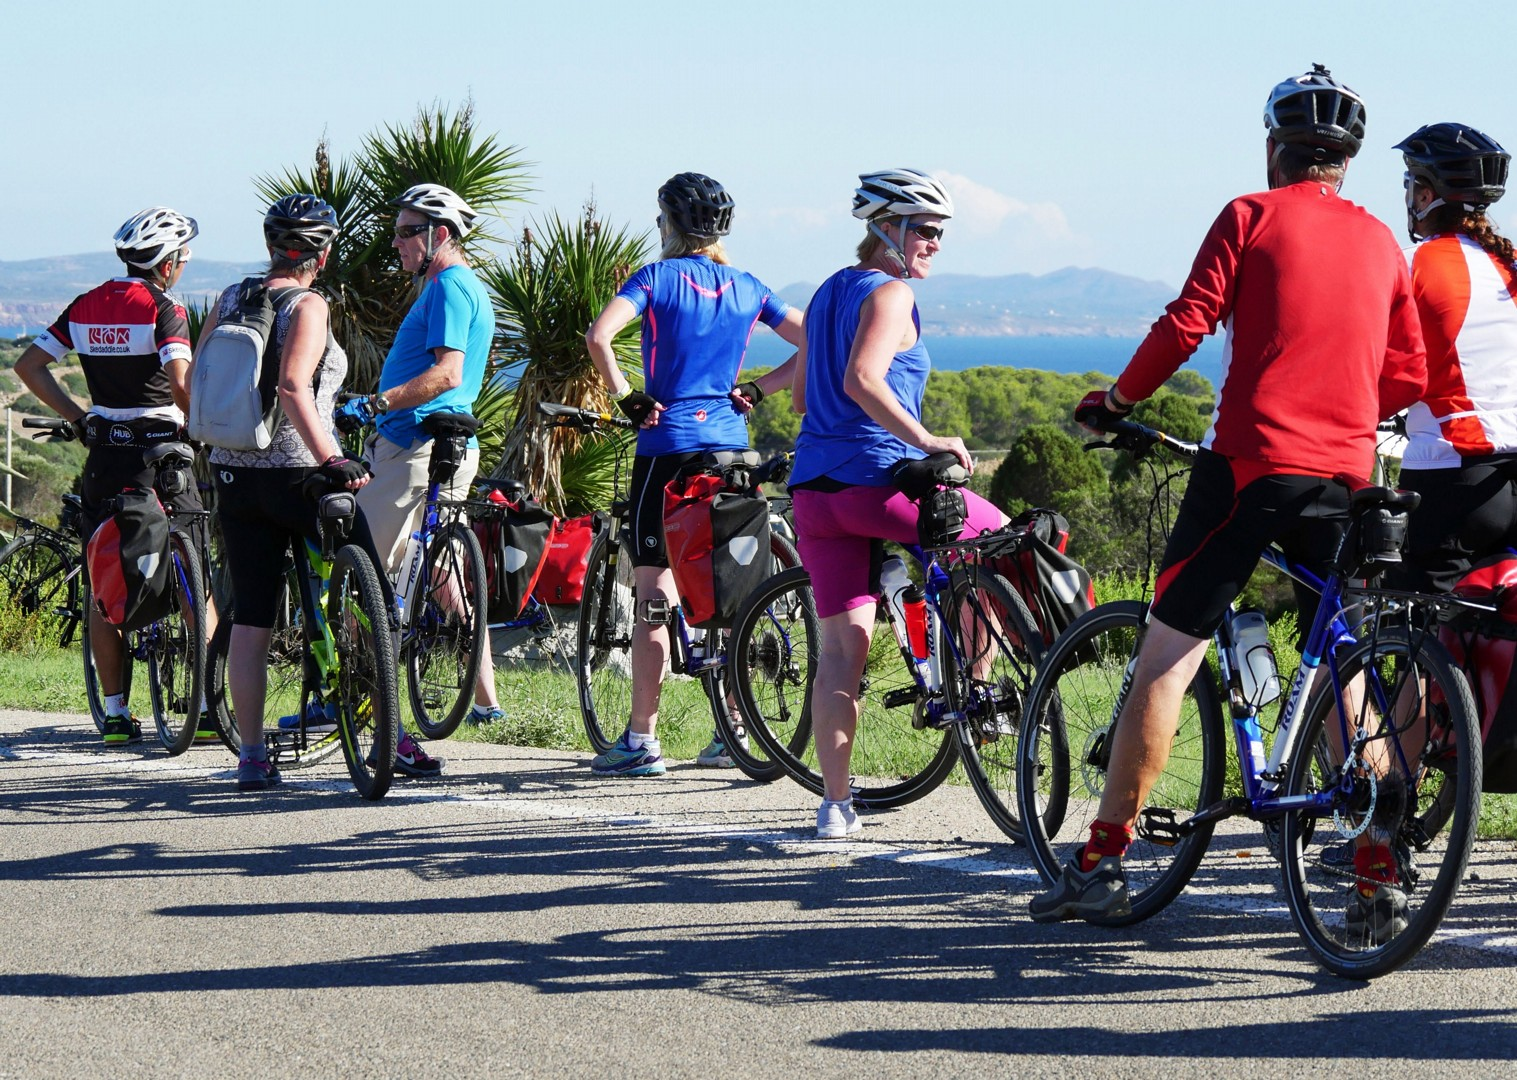 isola-di-san-pietro-cycling-group-sardinia.jpg - Italy - Sardinia - Island Flavours - Leisure Cycling